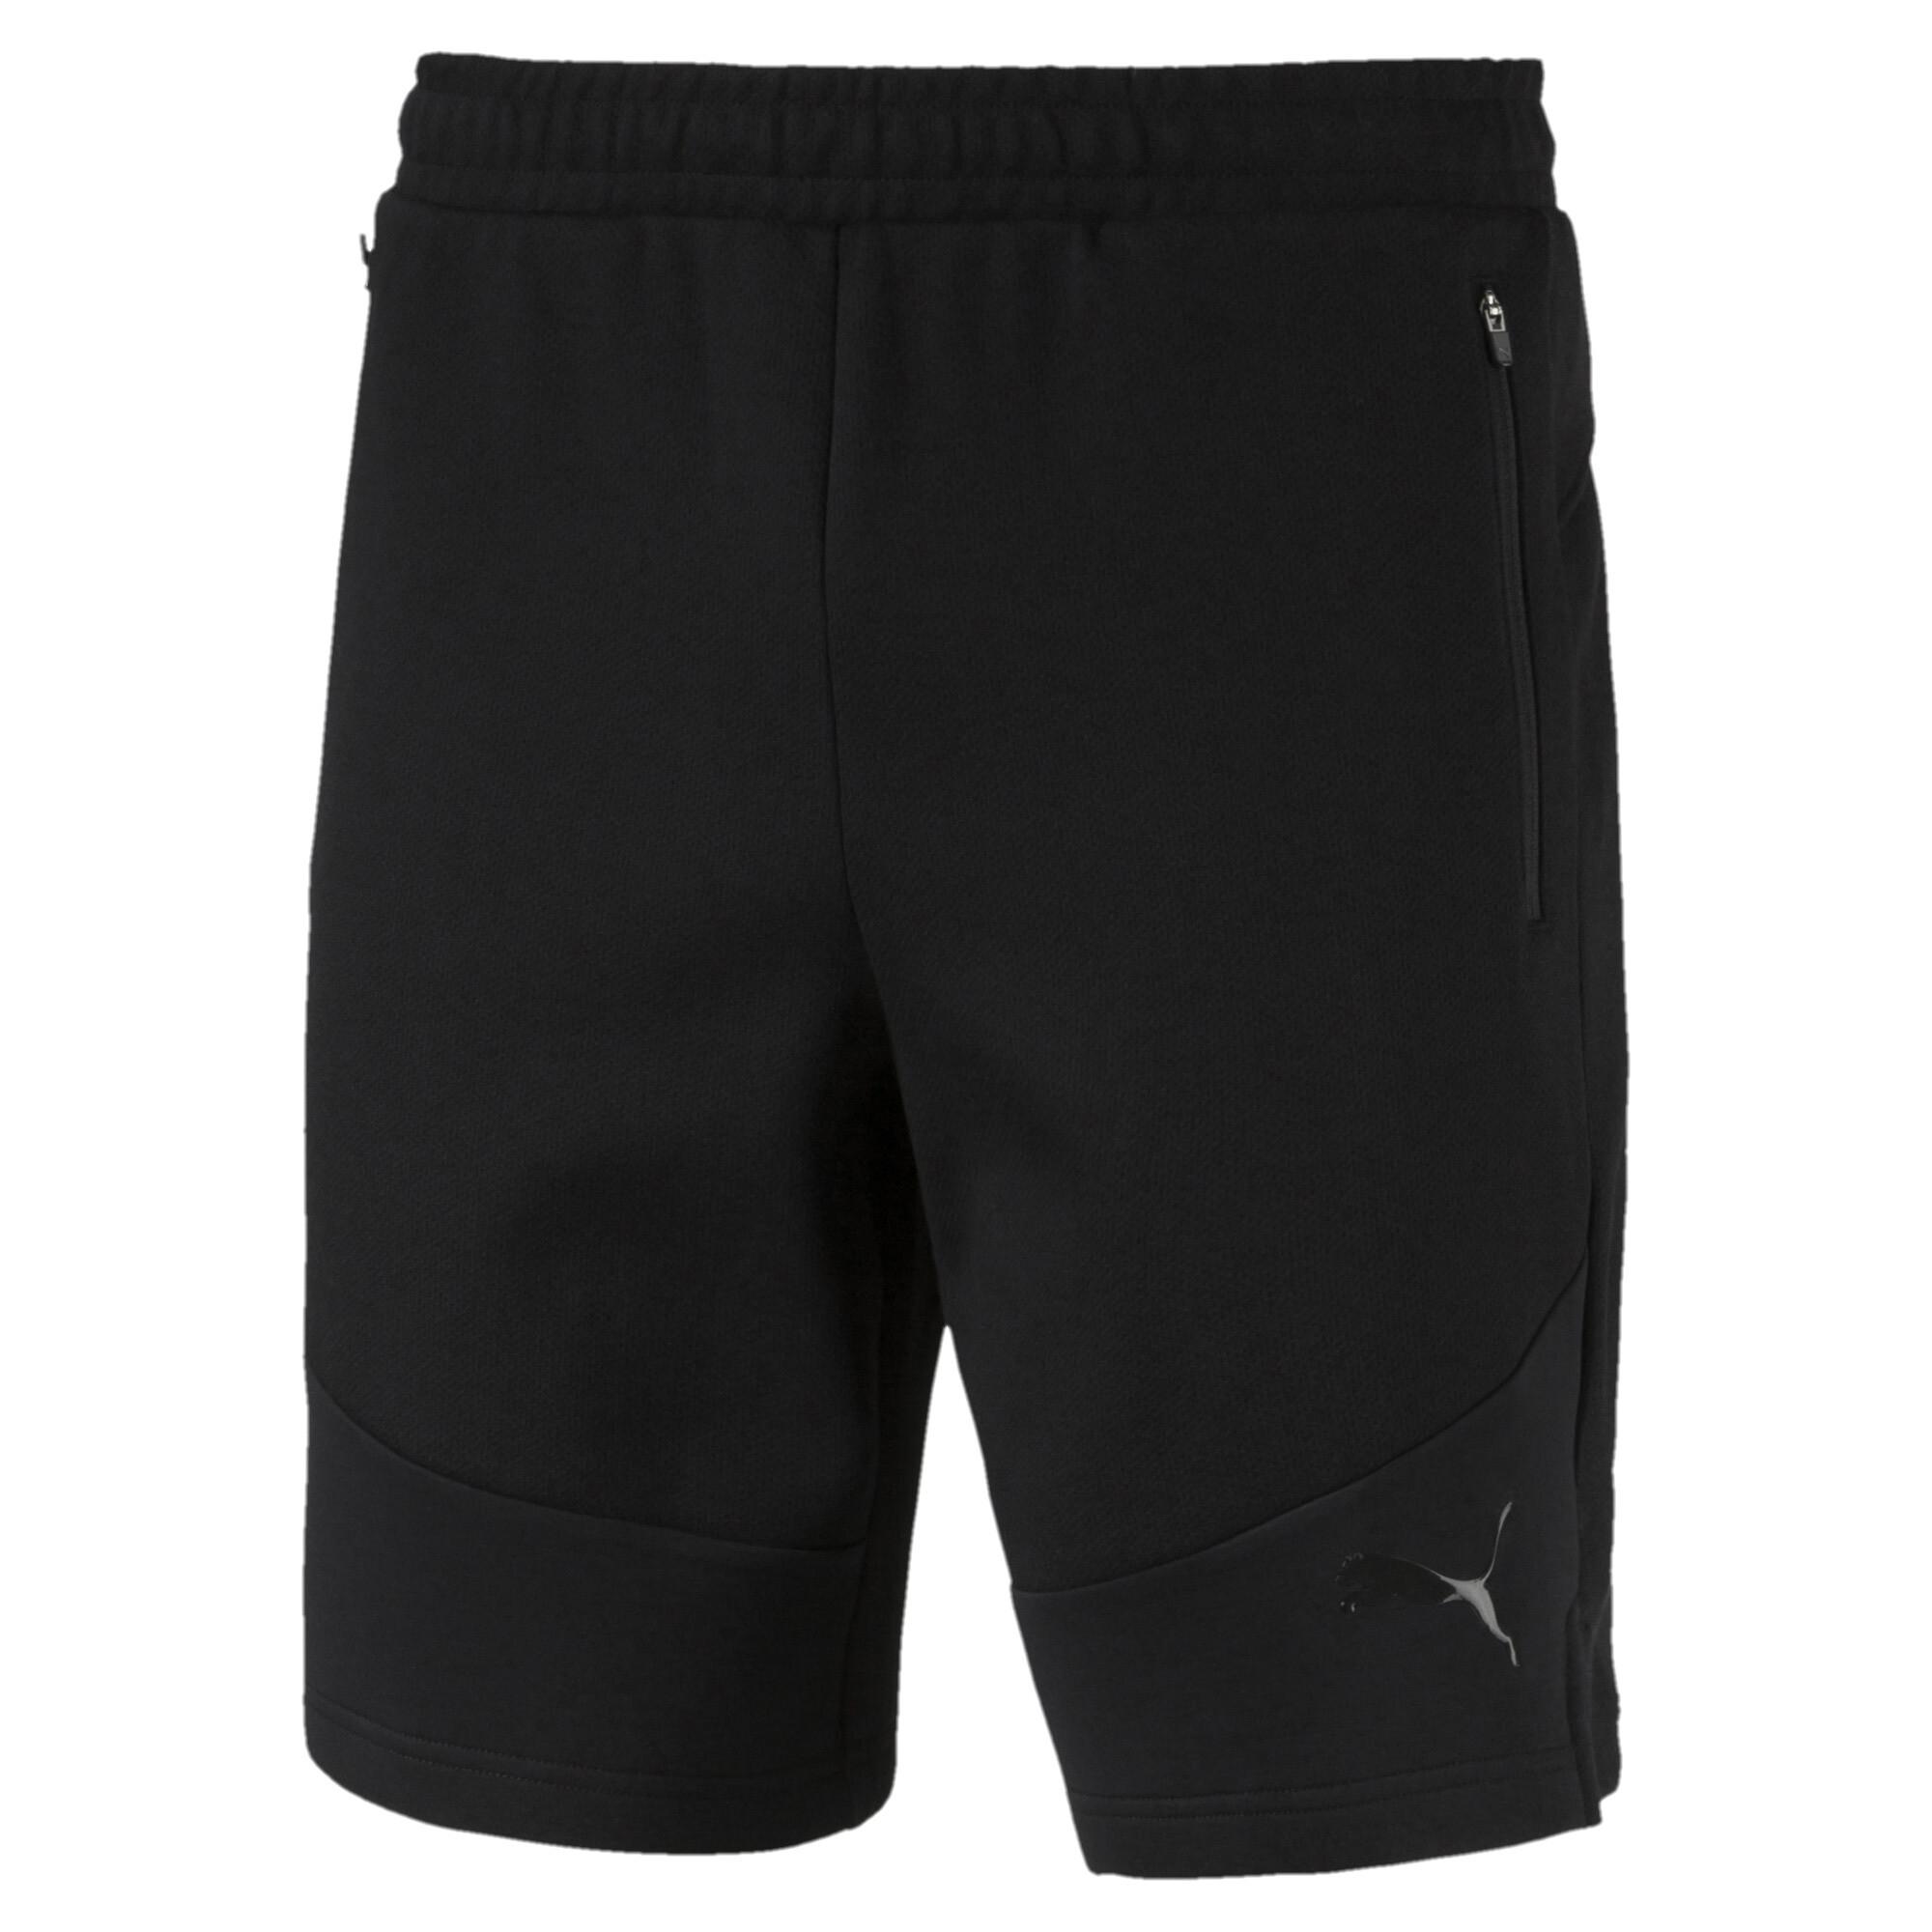 Evostripe Move Shorts 8